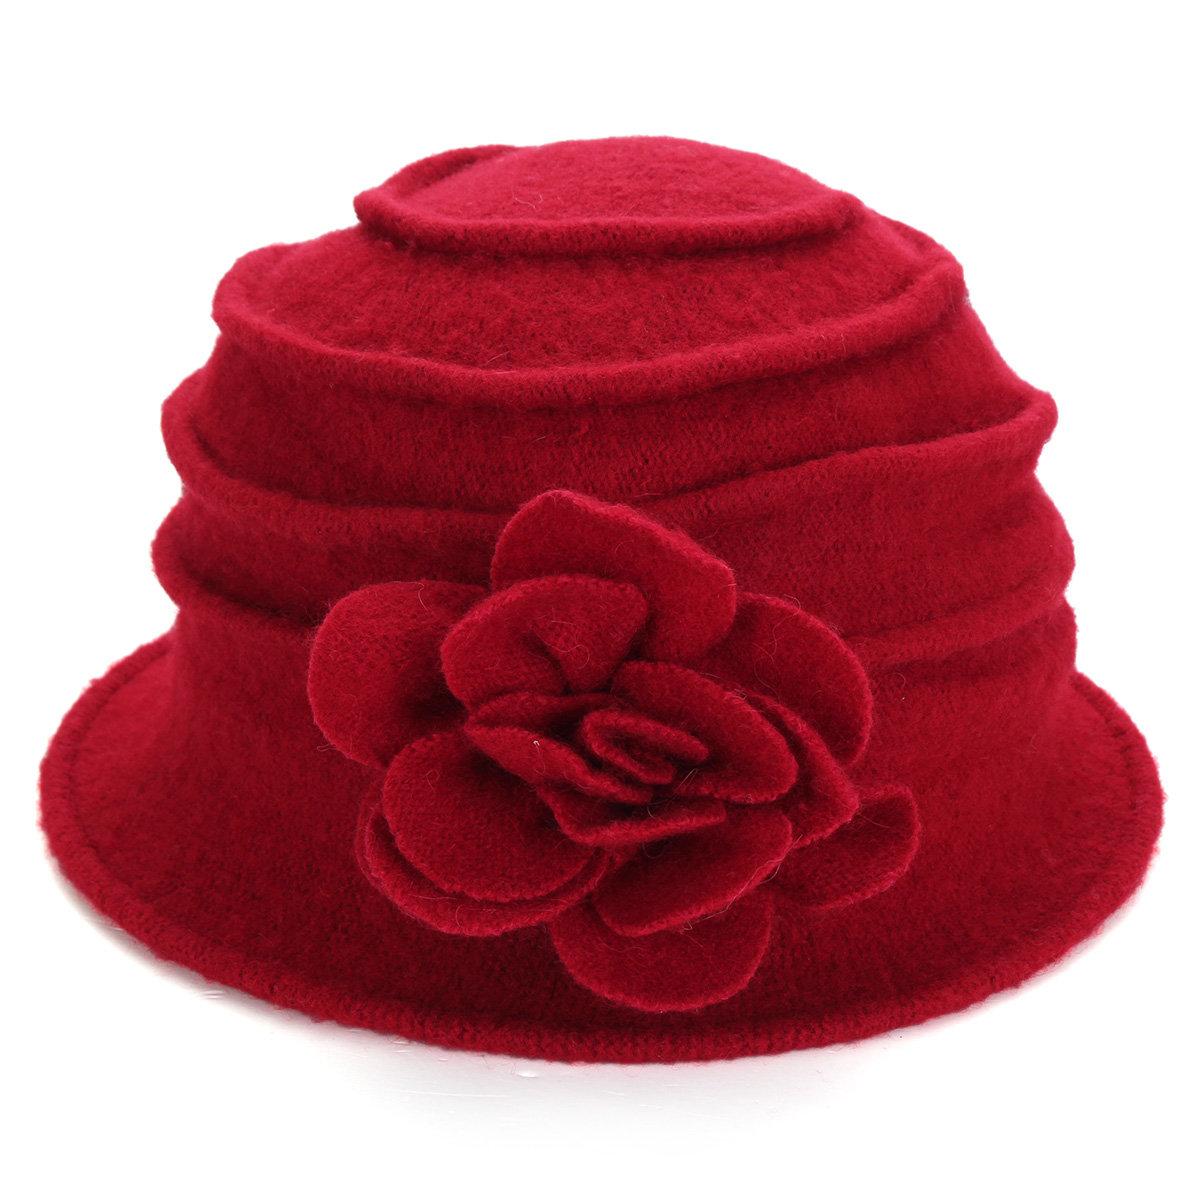 Women Ladies Flower Wool Felt Bucket Hat Packable Foldable Cloche Cap